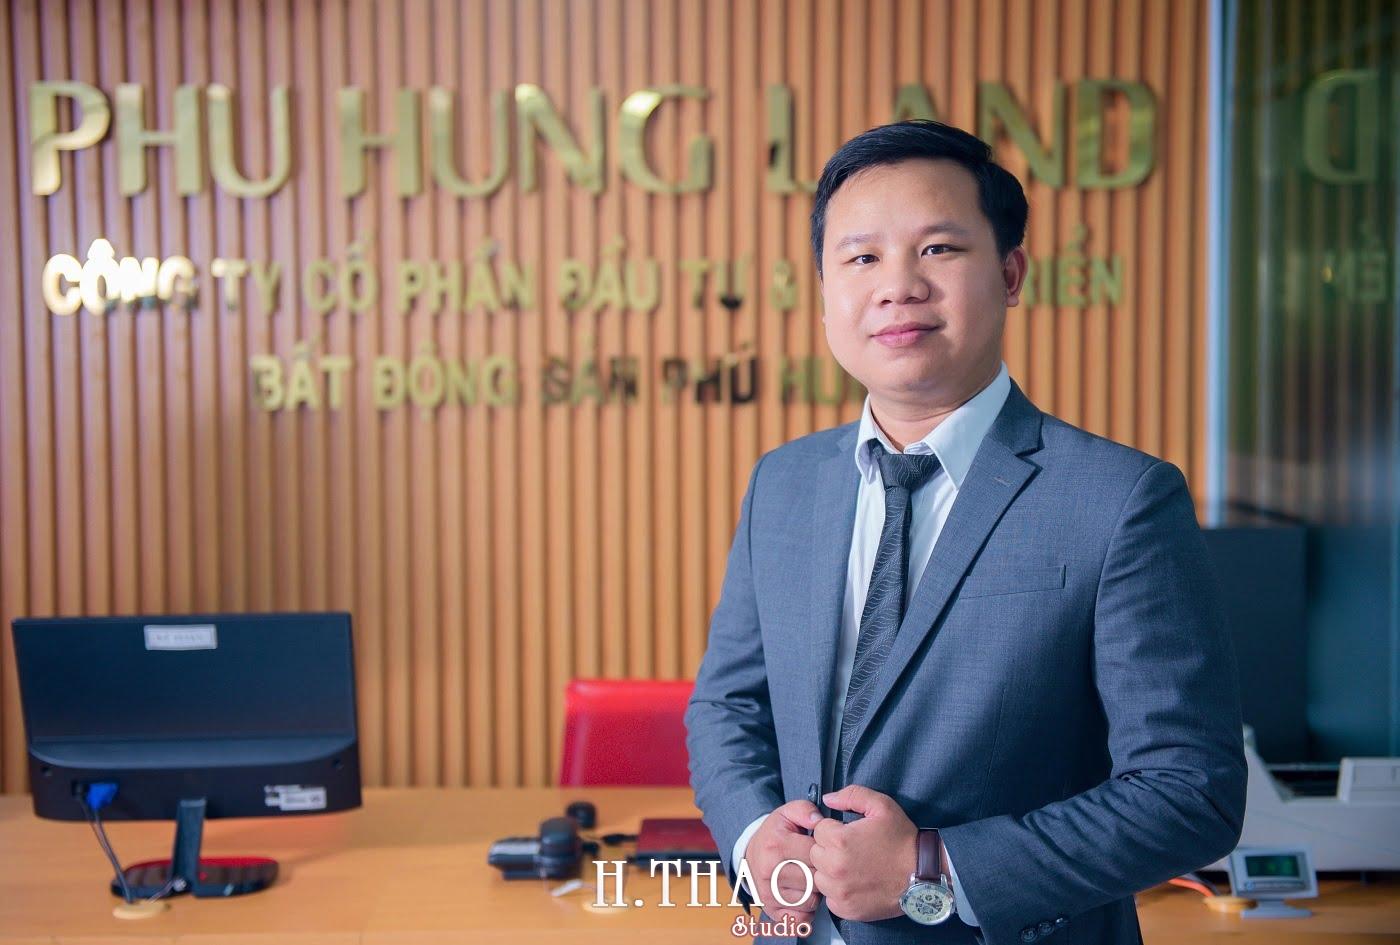 Phu Hung Land 70 min - Album ảnh doanh nhân ban lãnh đạo công ty Phu Hung Land